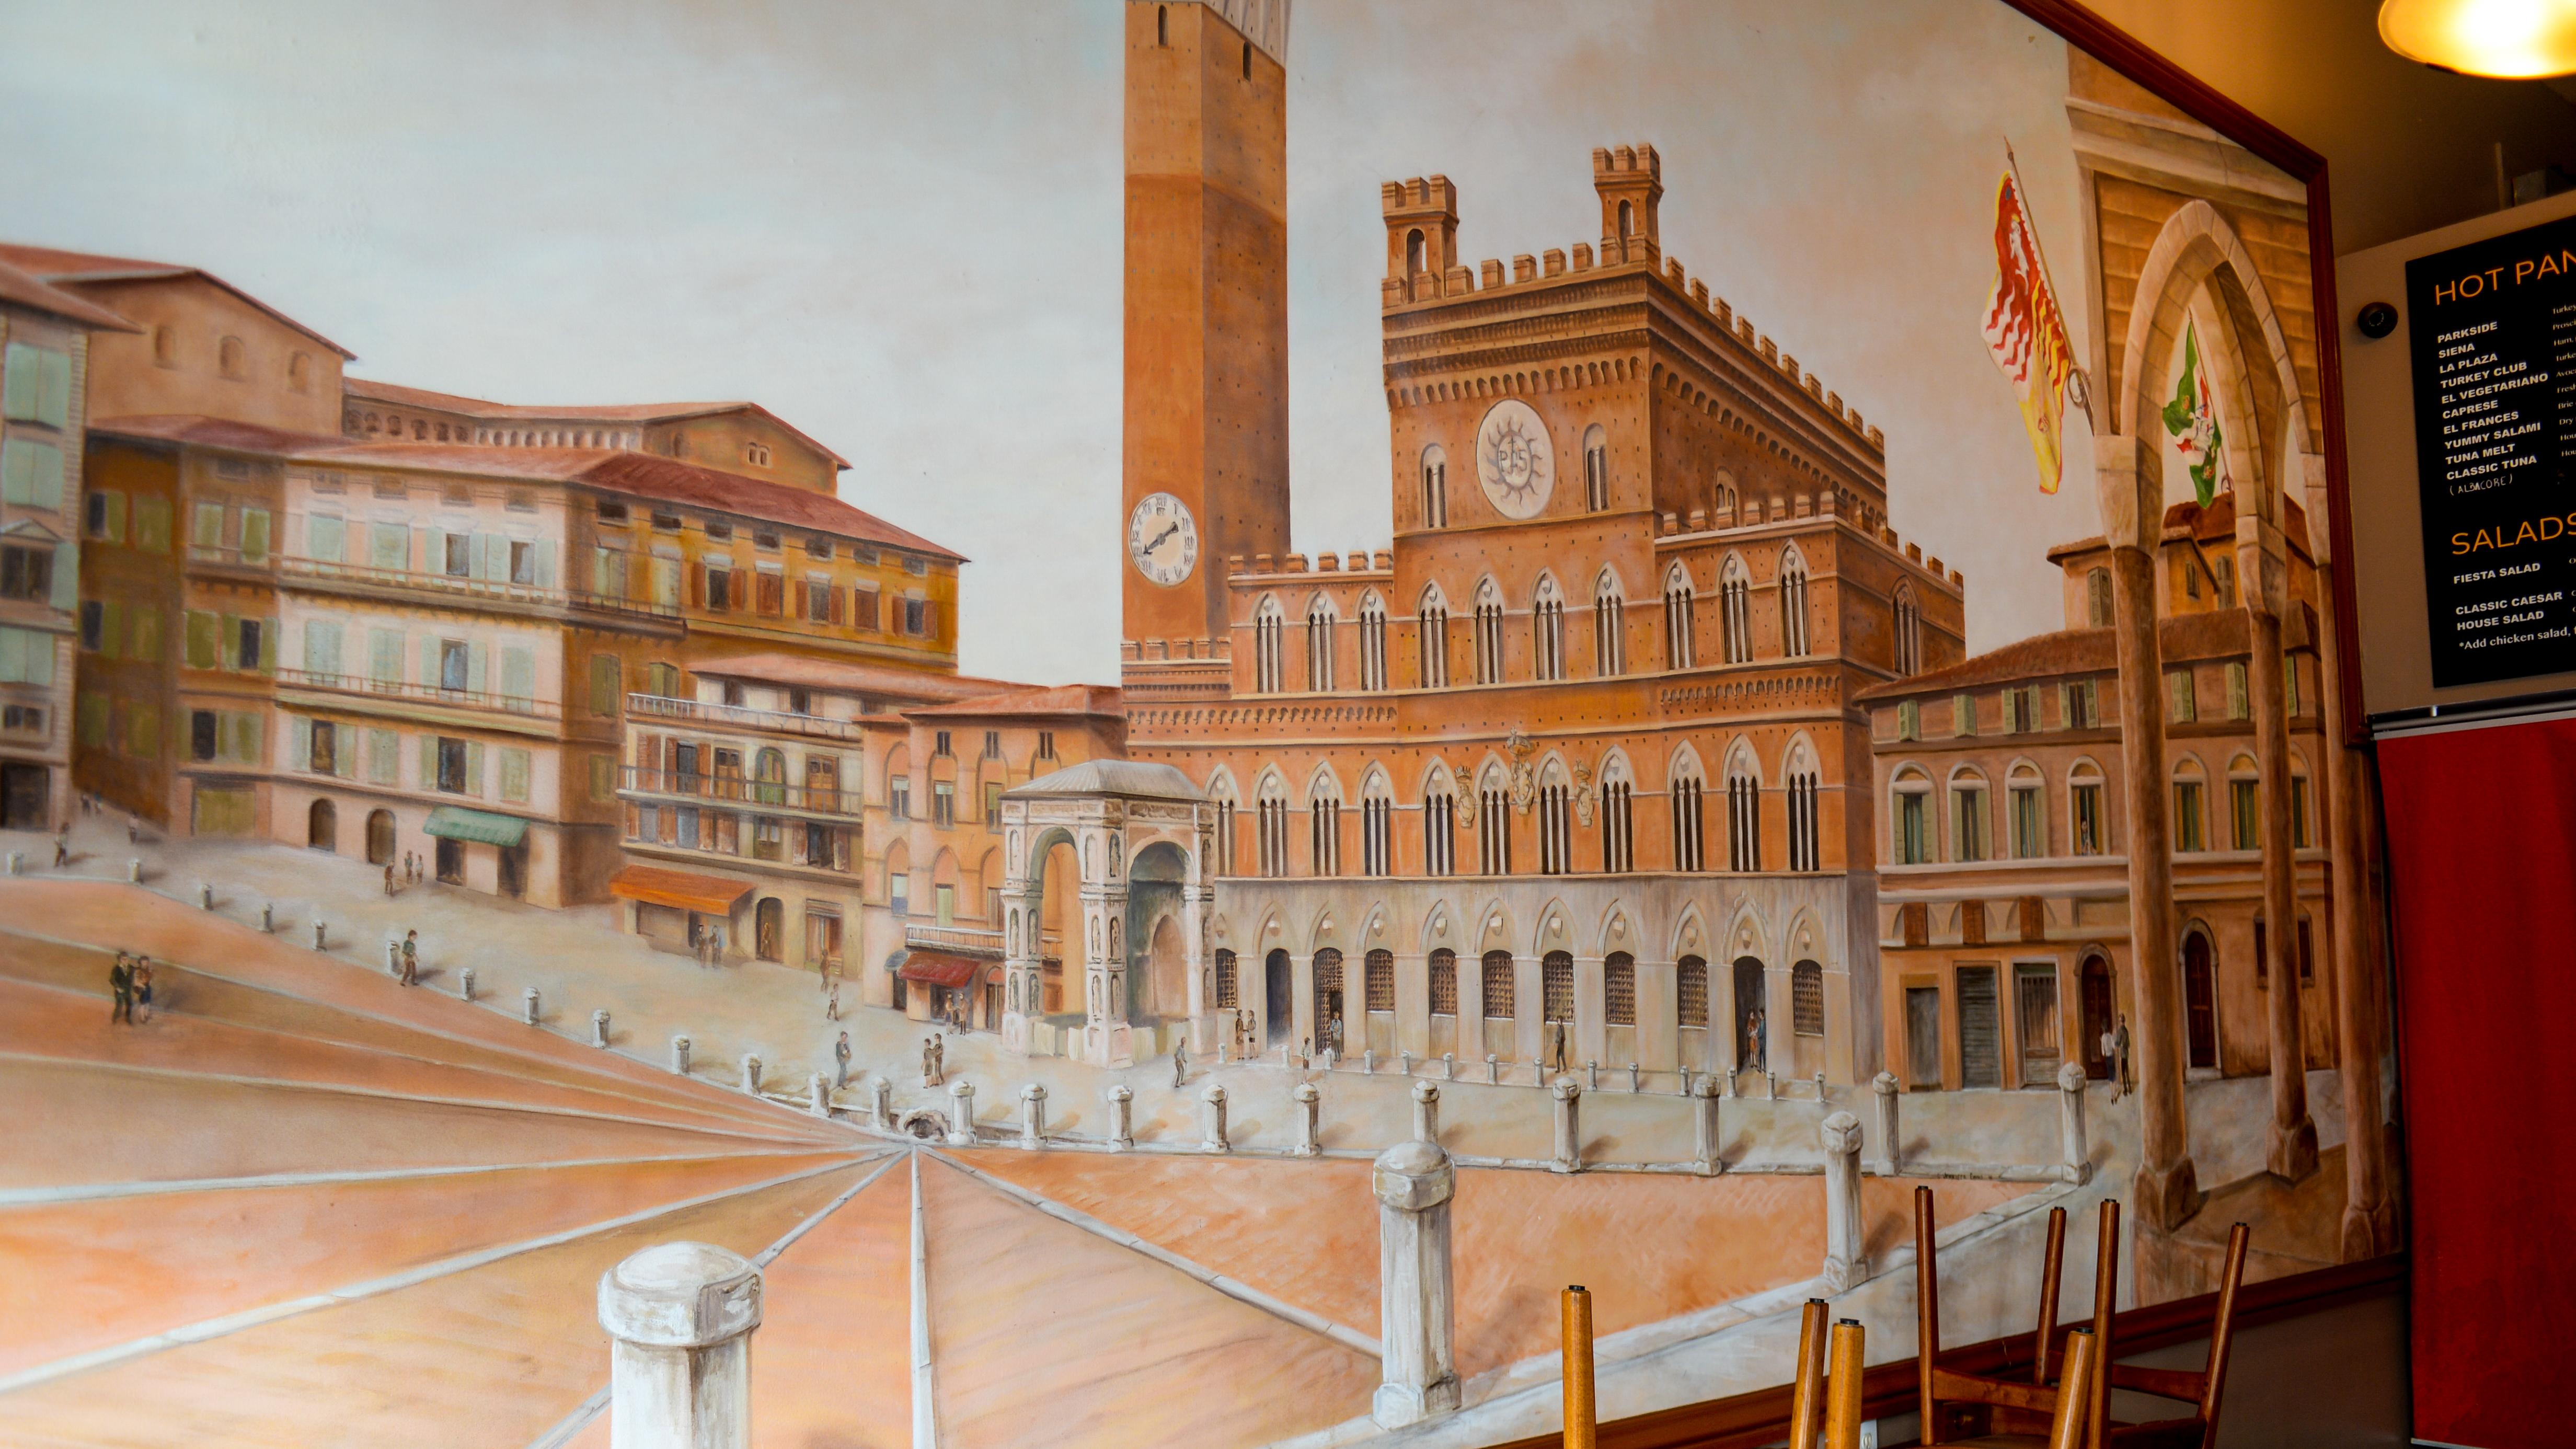 Piazza del Campo Mural - El Cafe - Parks